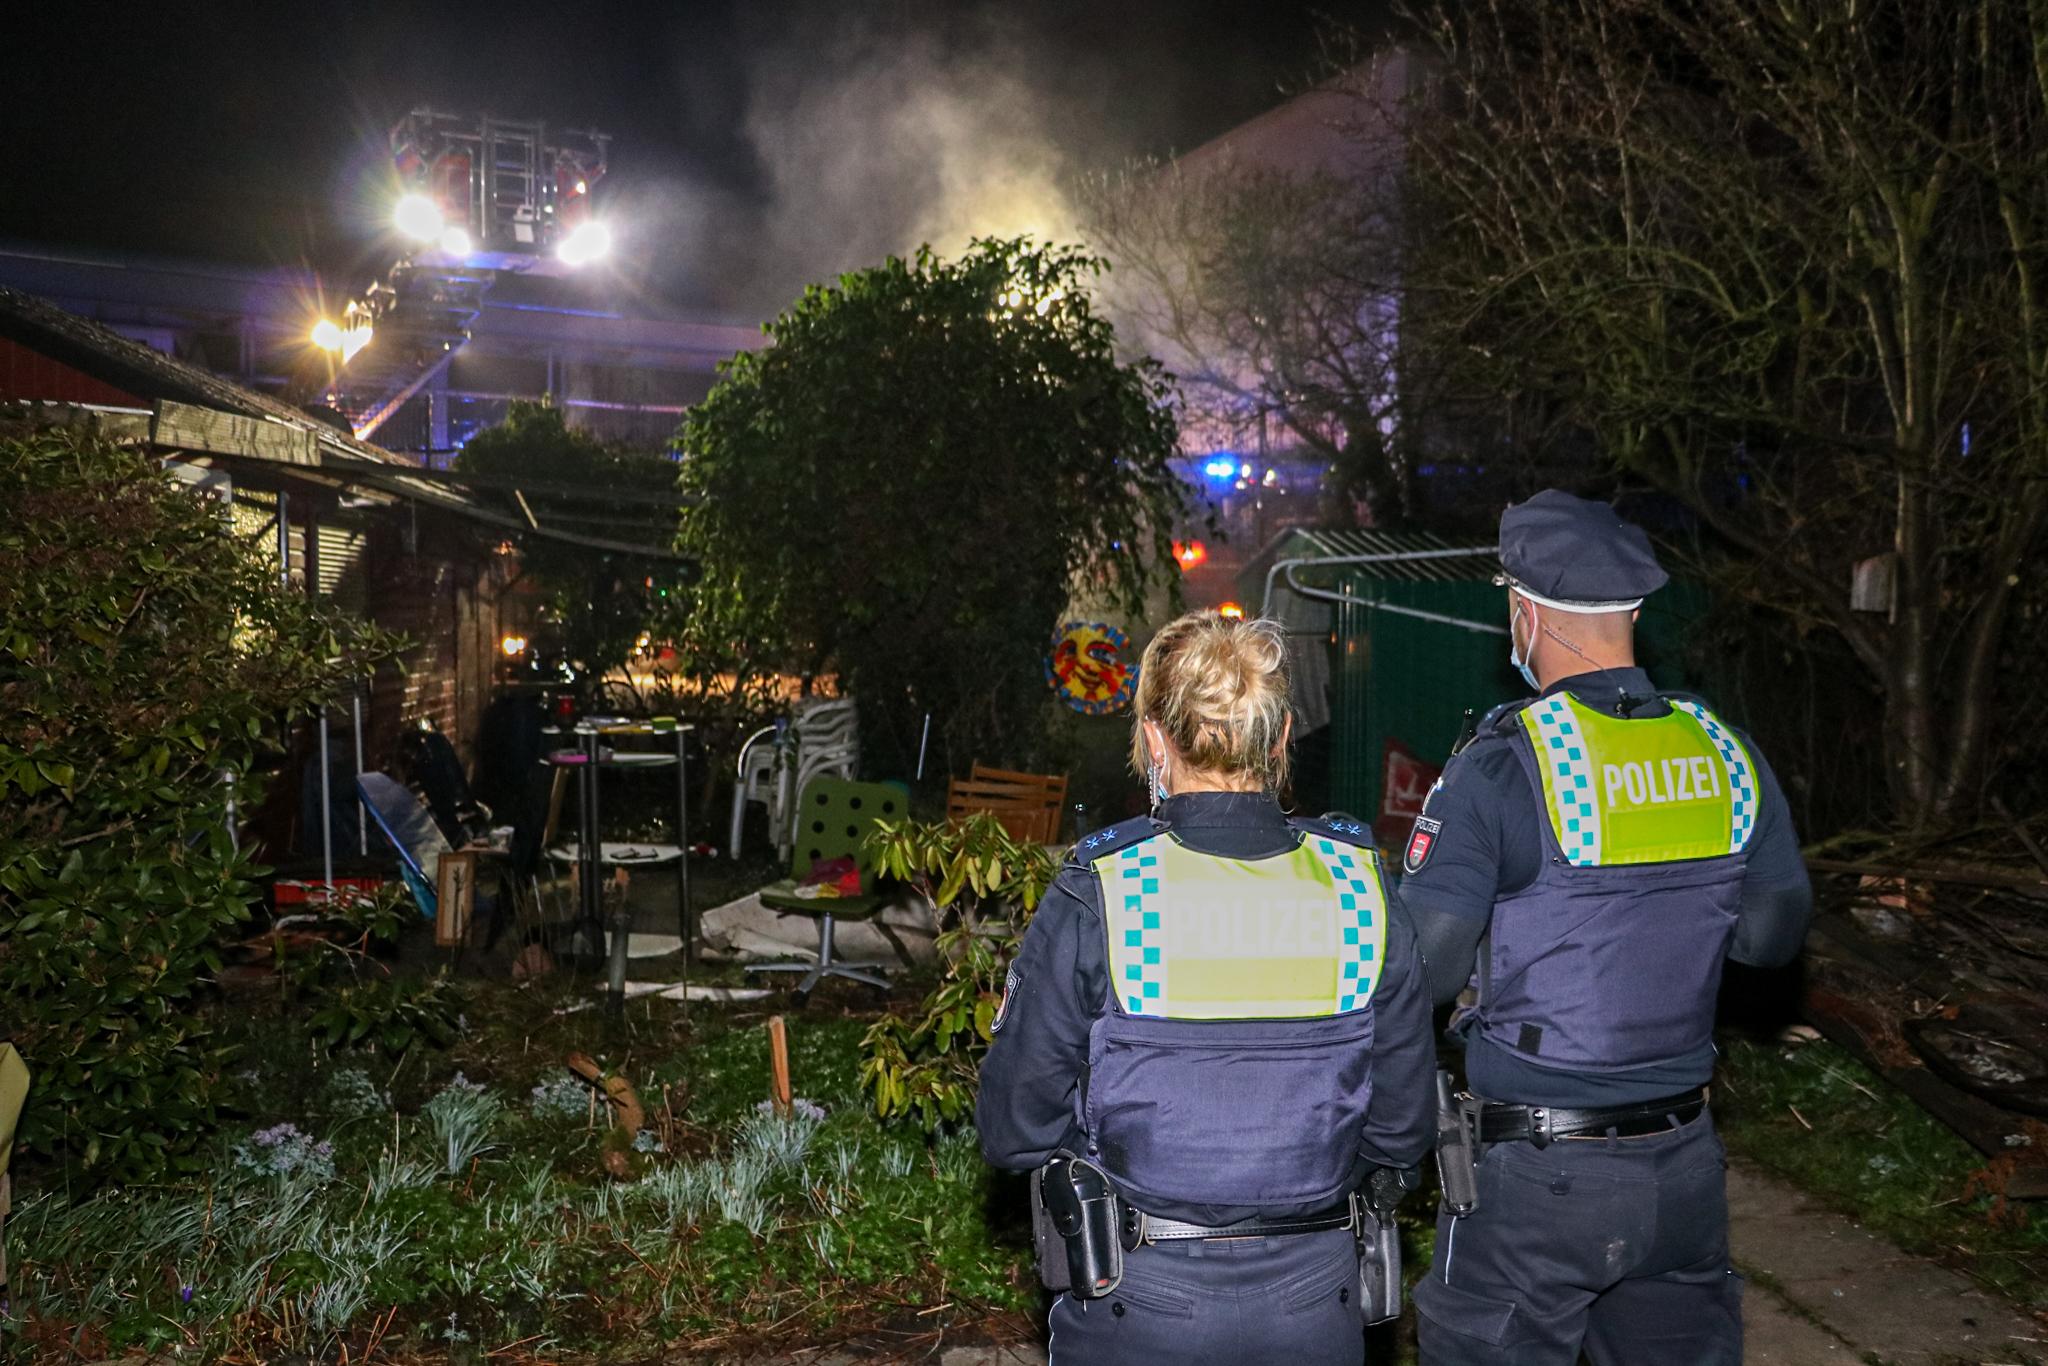 Unachtsamkeit-f-hrt-zu-Feuer-doch-Feuerwehr-verhindert-Gartenlaubenbrand-